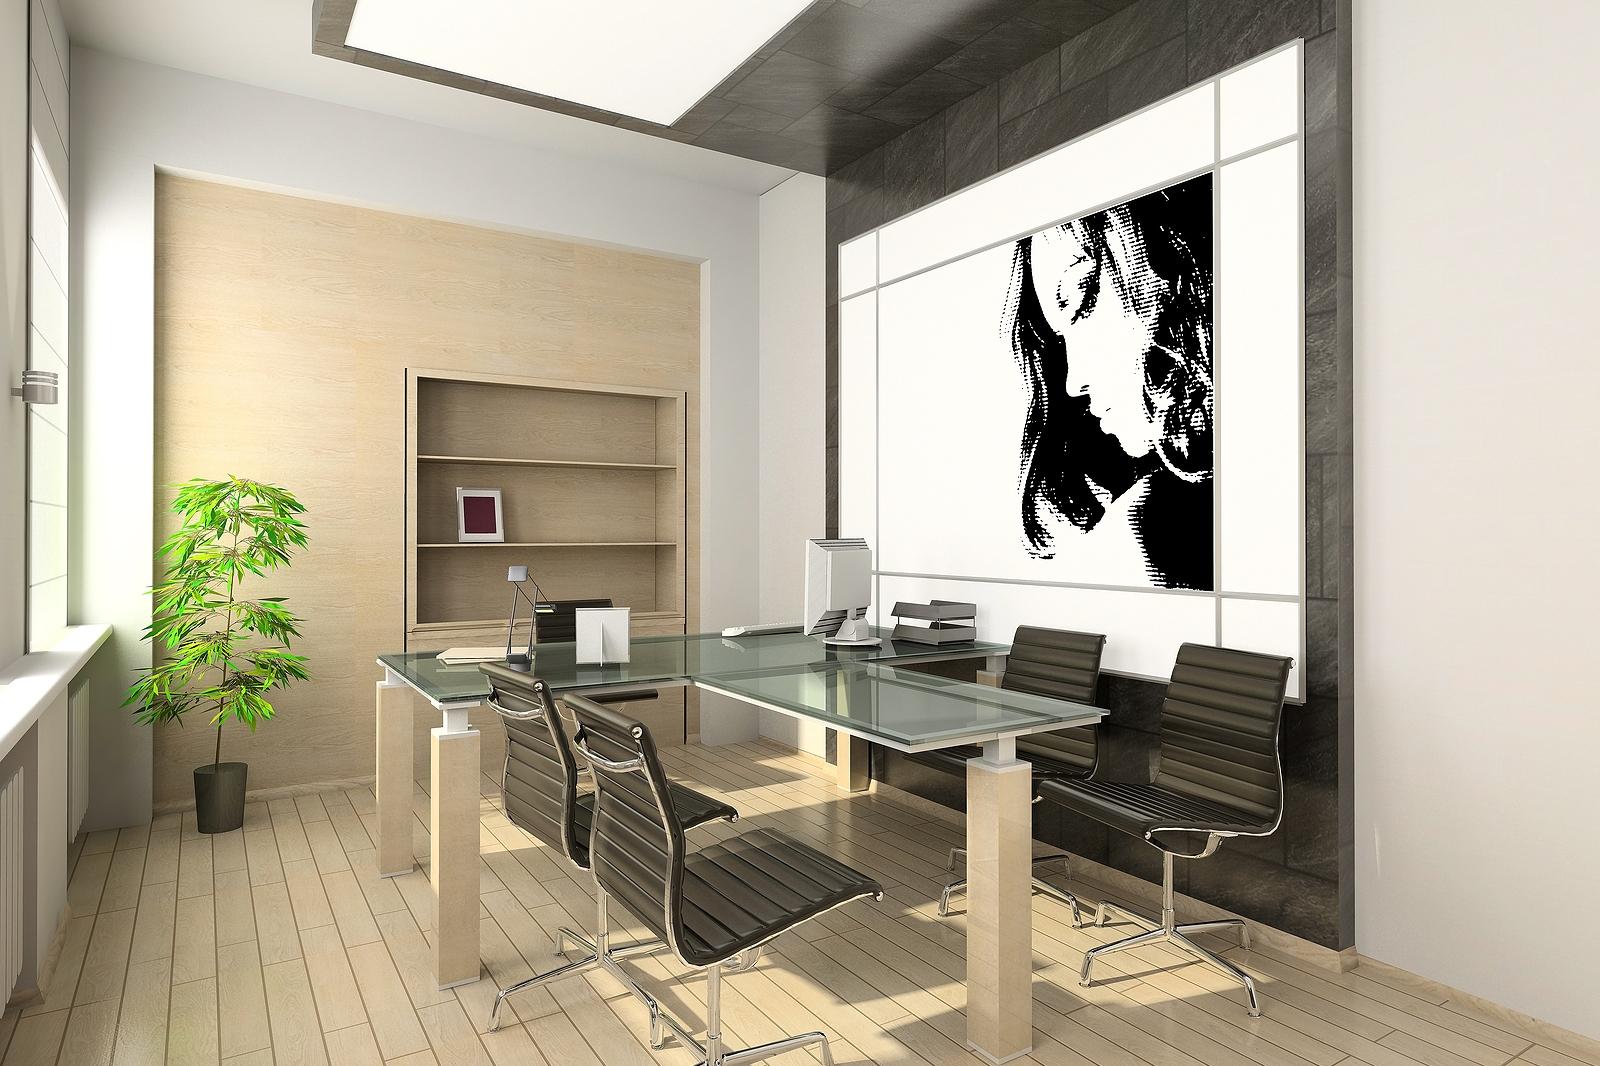 Tips for Choosing Office Art